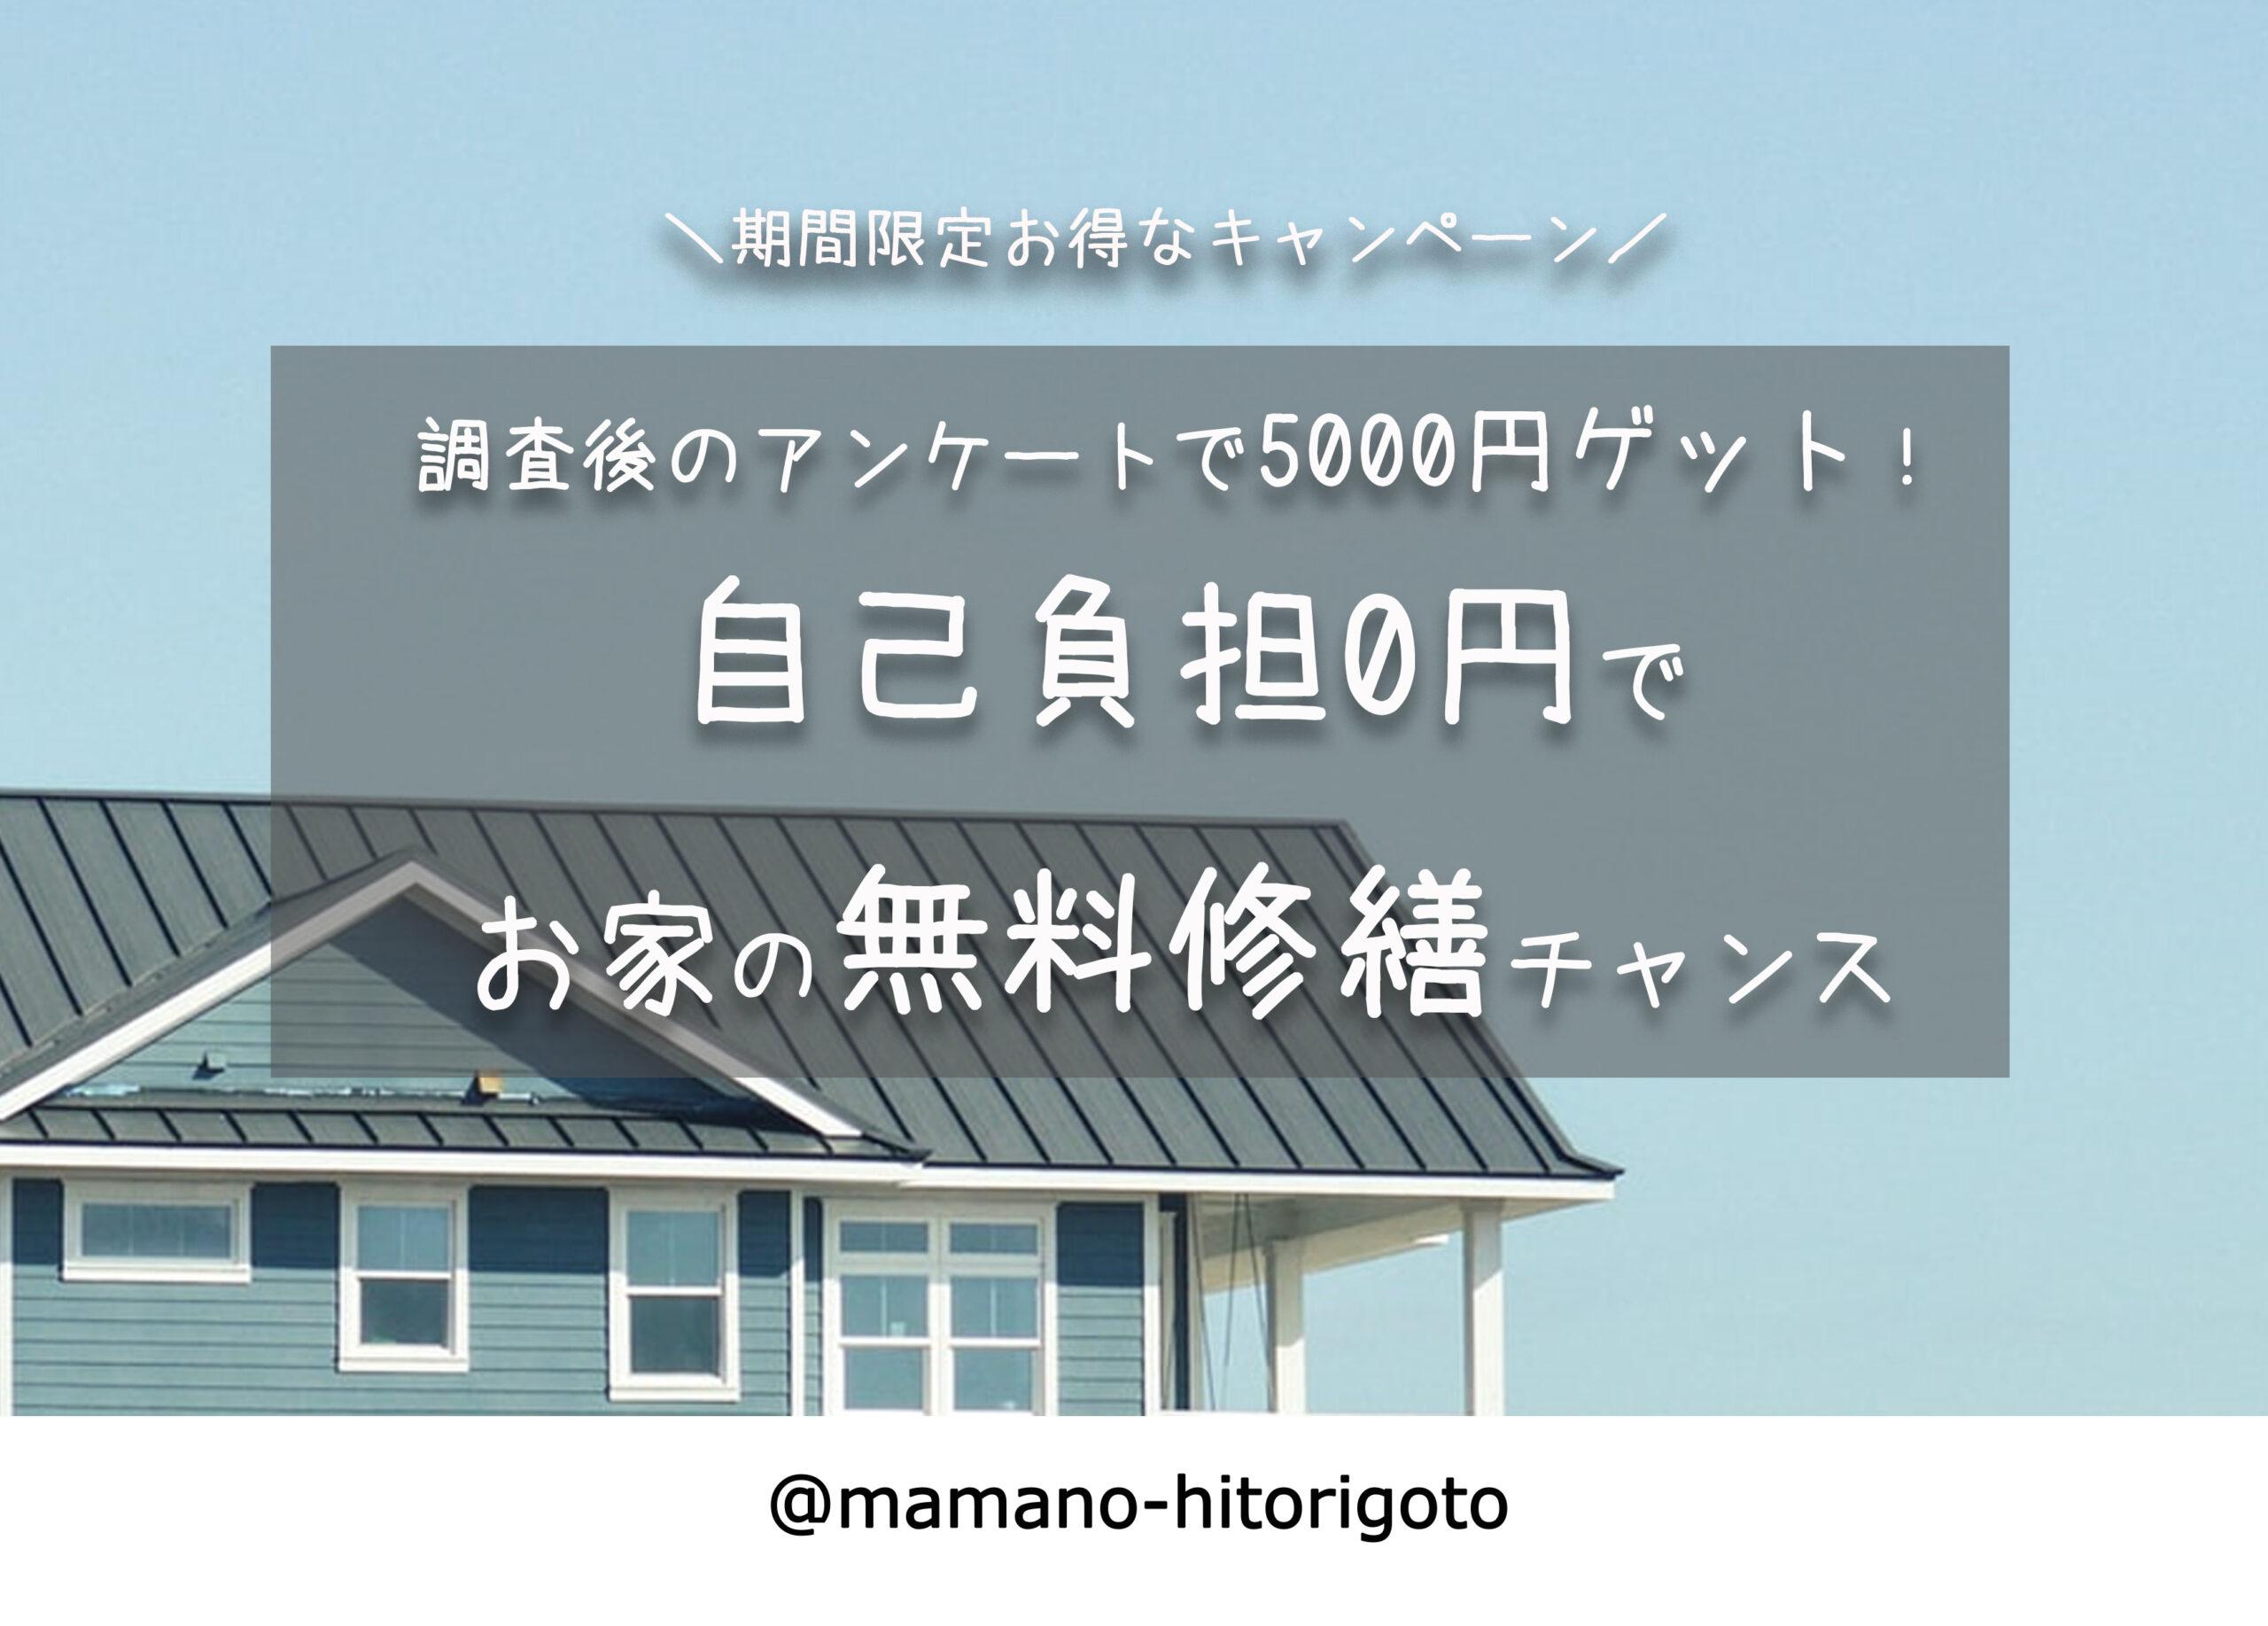 調査後のアンケートで5000円ゲット!自己負担0円でお家の無料修繕チャンス